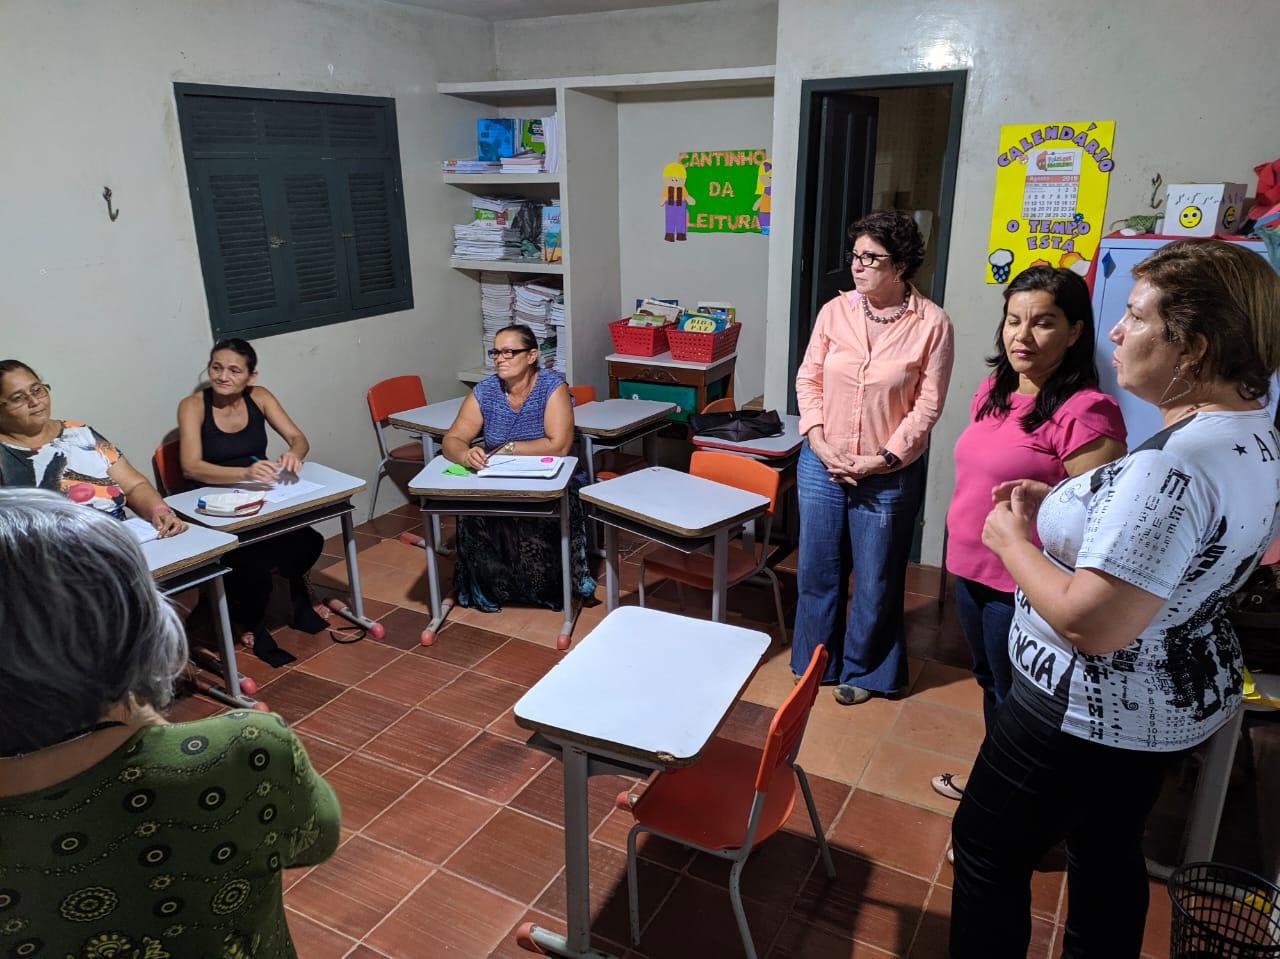 Visita Turmas do Agora Vai Fotos LeandroSantos Secomd 8 - Prefeita Márcia Lucena visita turmas do Programa de Alfabetização de Jovens e Adultos 'Agora Vai!'